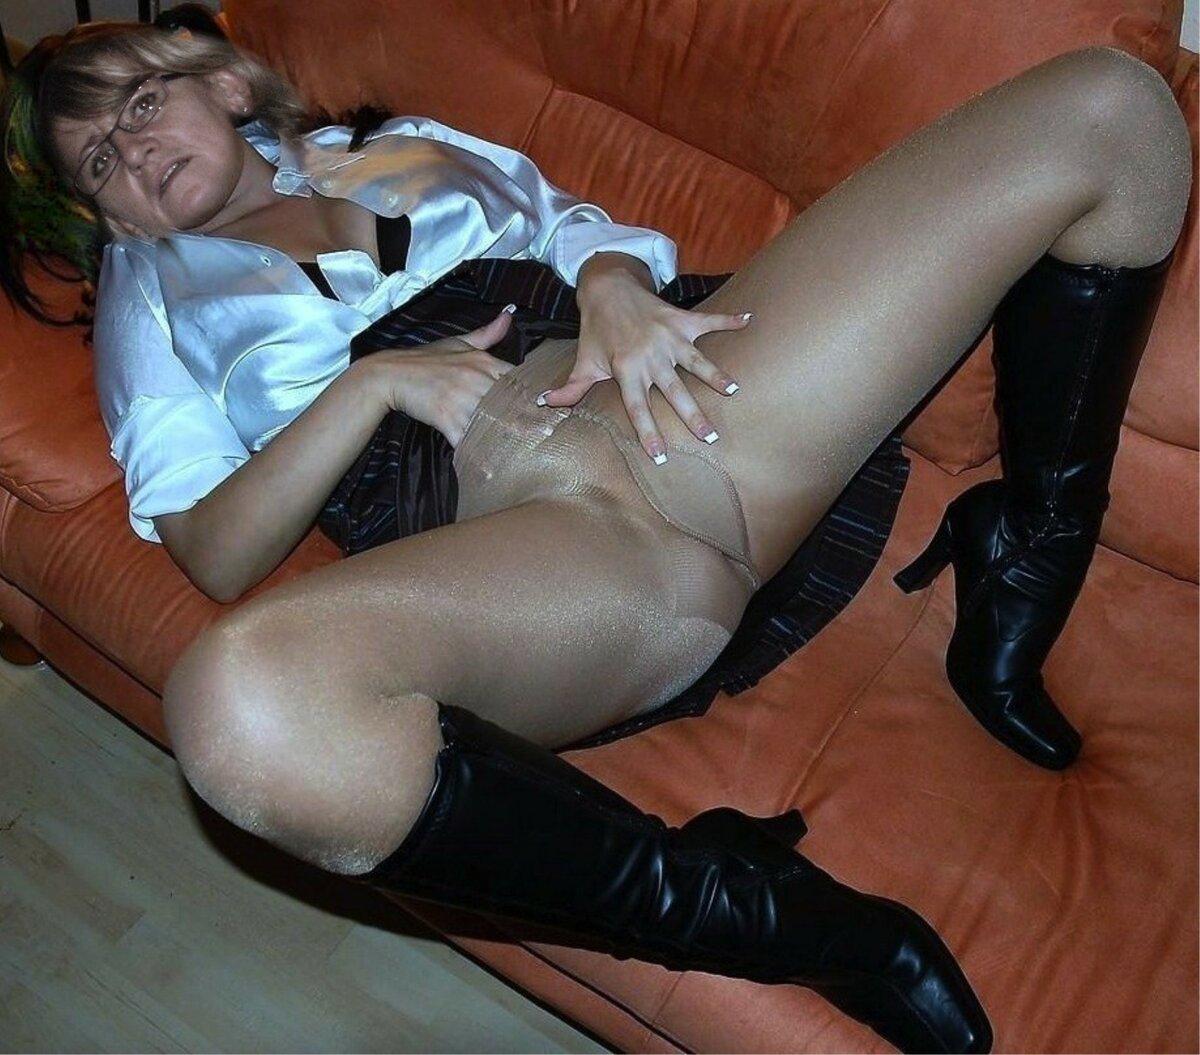 Секс фото в нейлоне, анус и пилотка крупным планом